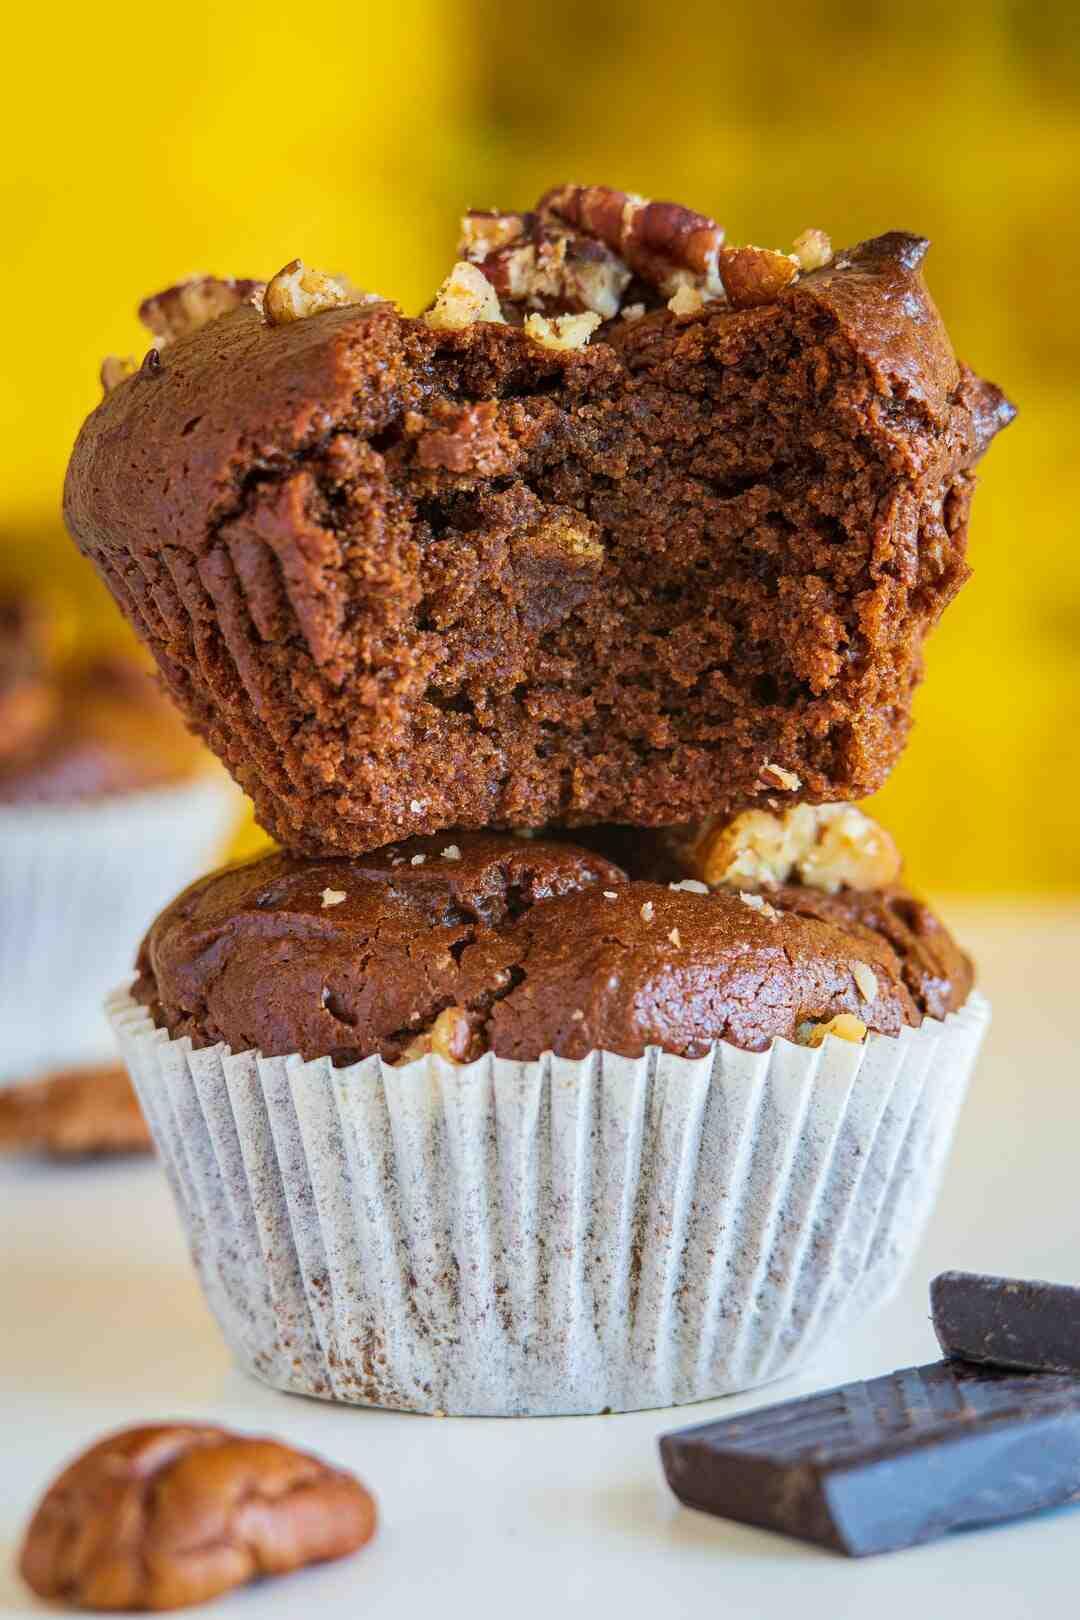 Comment faire des pépites de chocolat avec du chocolat en poudre ?